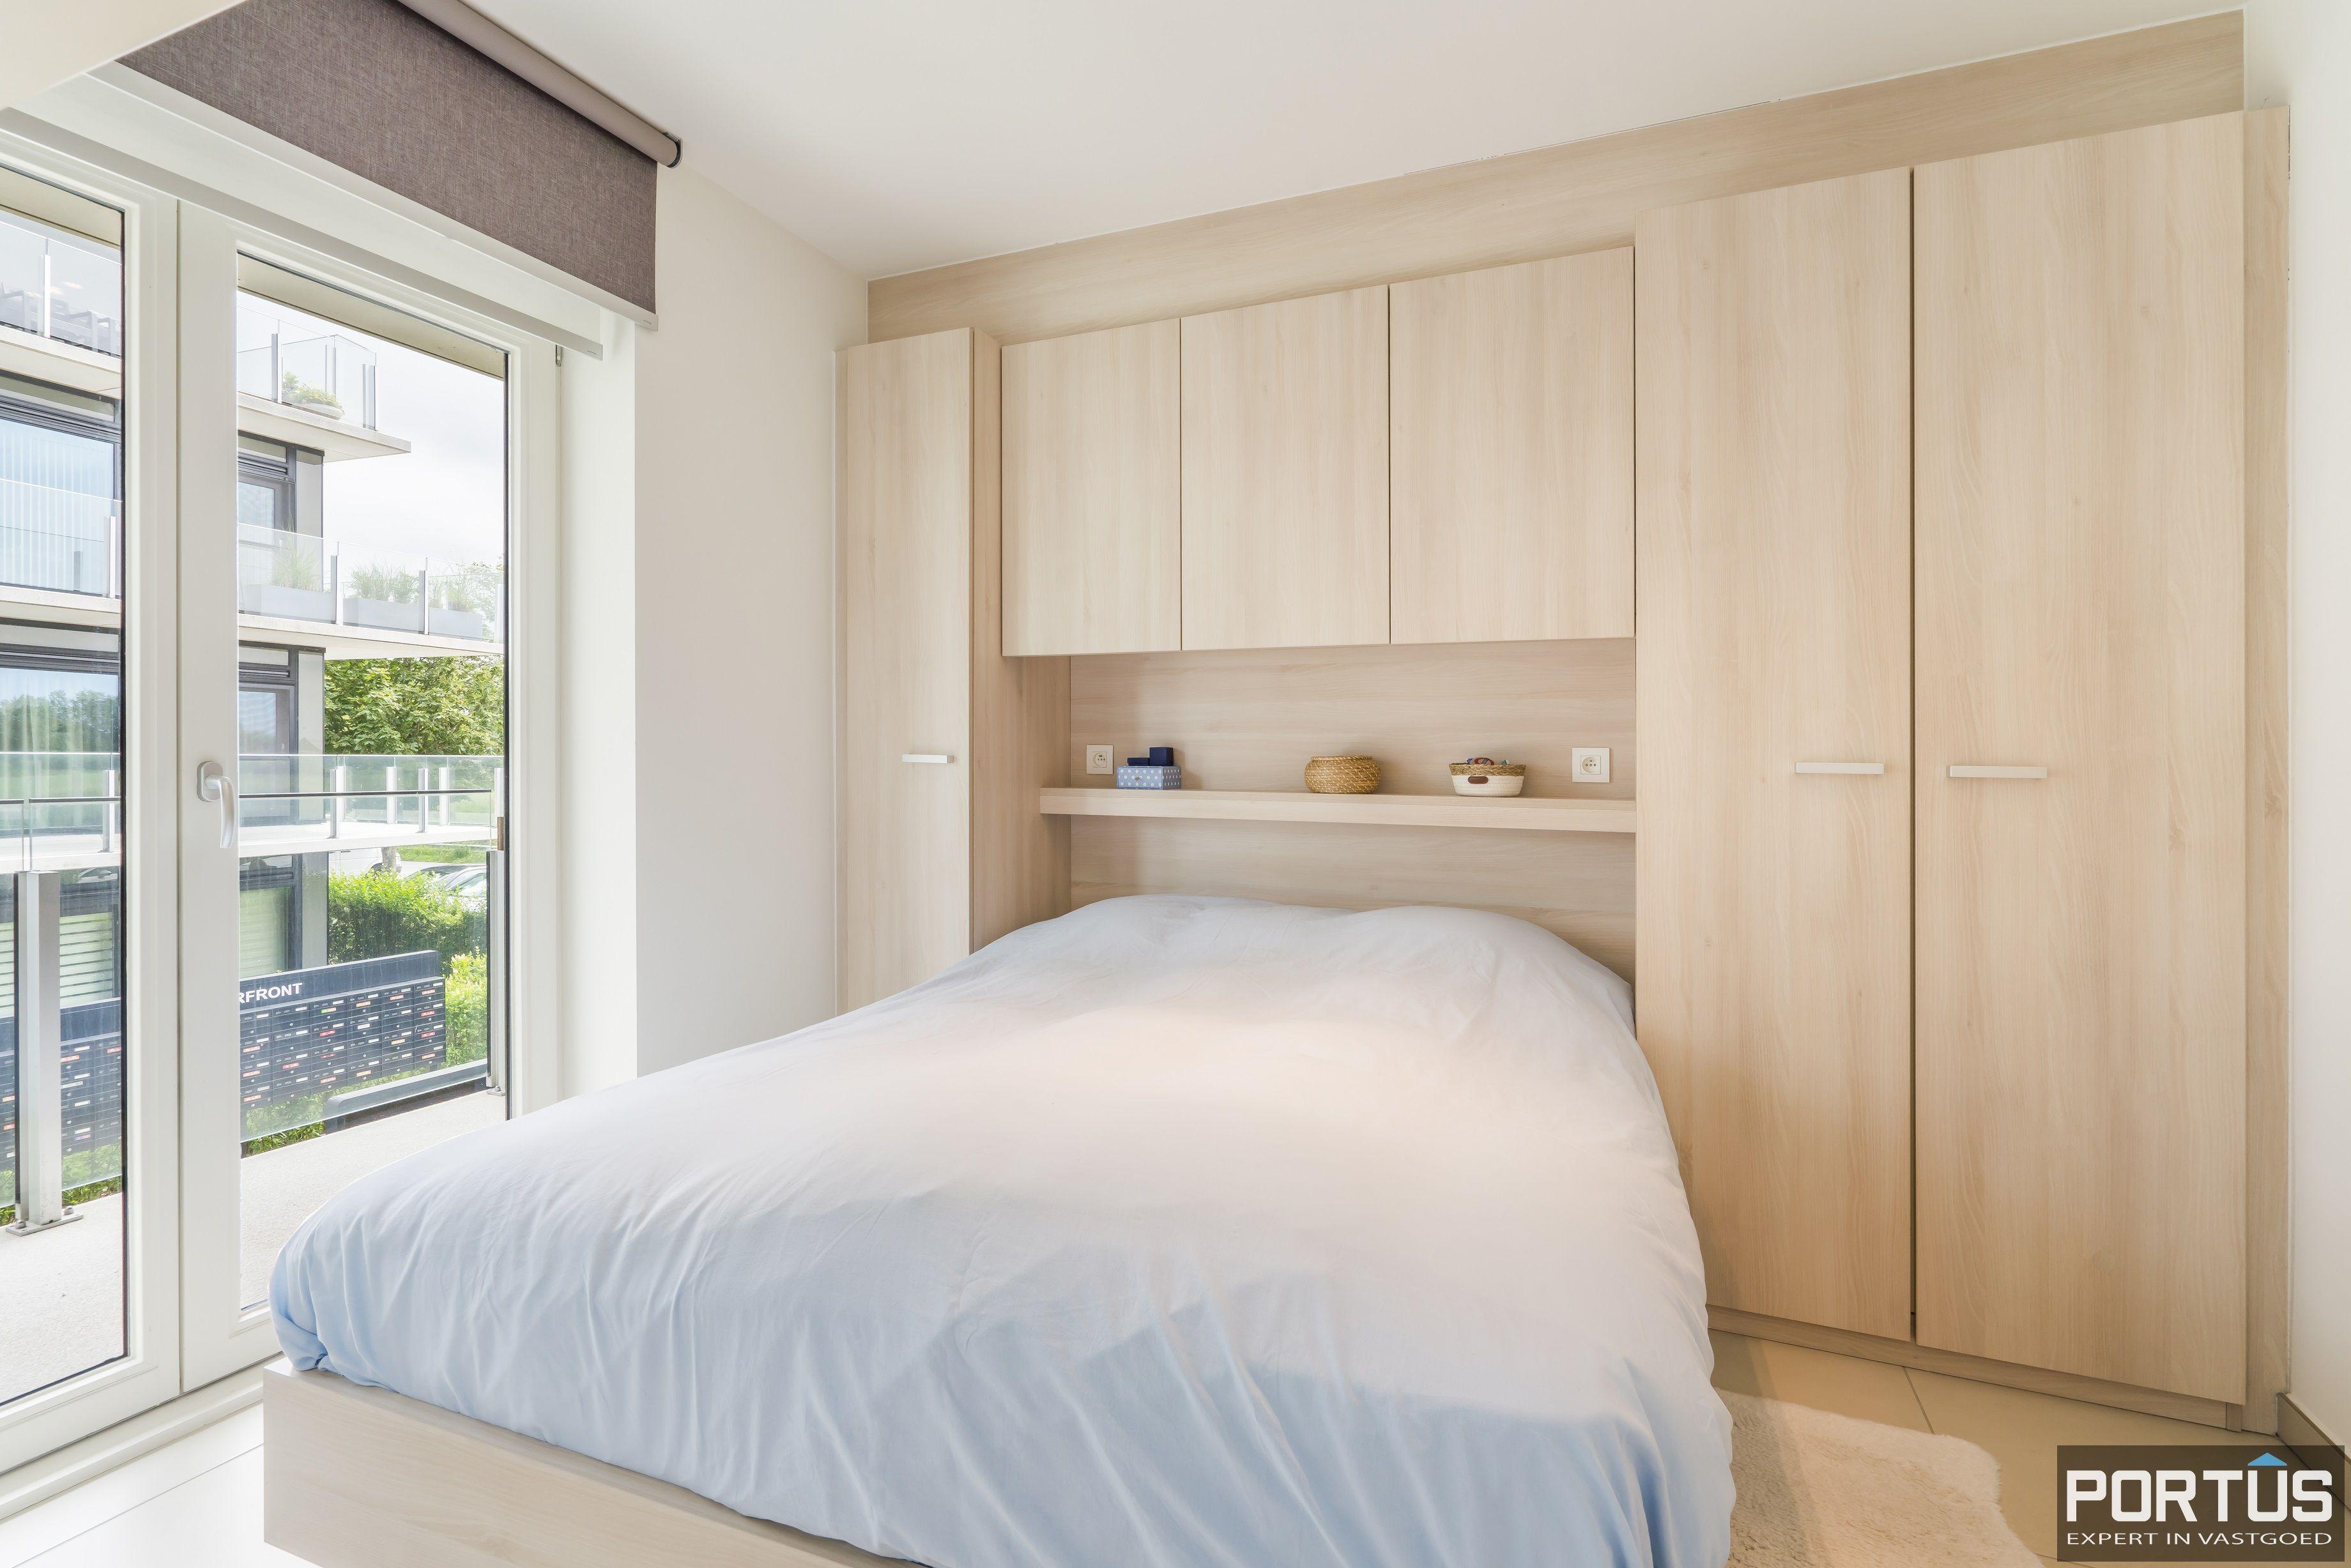 Instapklaar appartement te koop in Residentie Waterfront te Nieuwpoort  - 13300